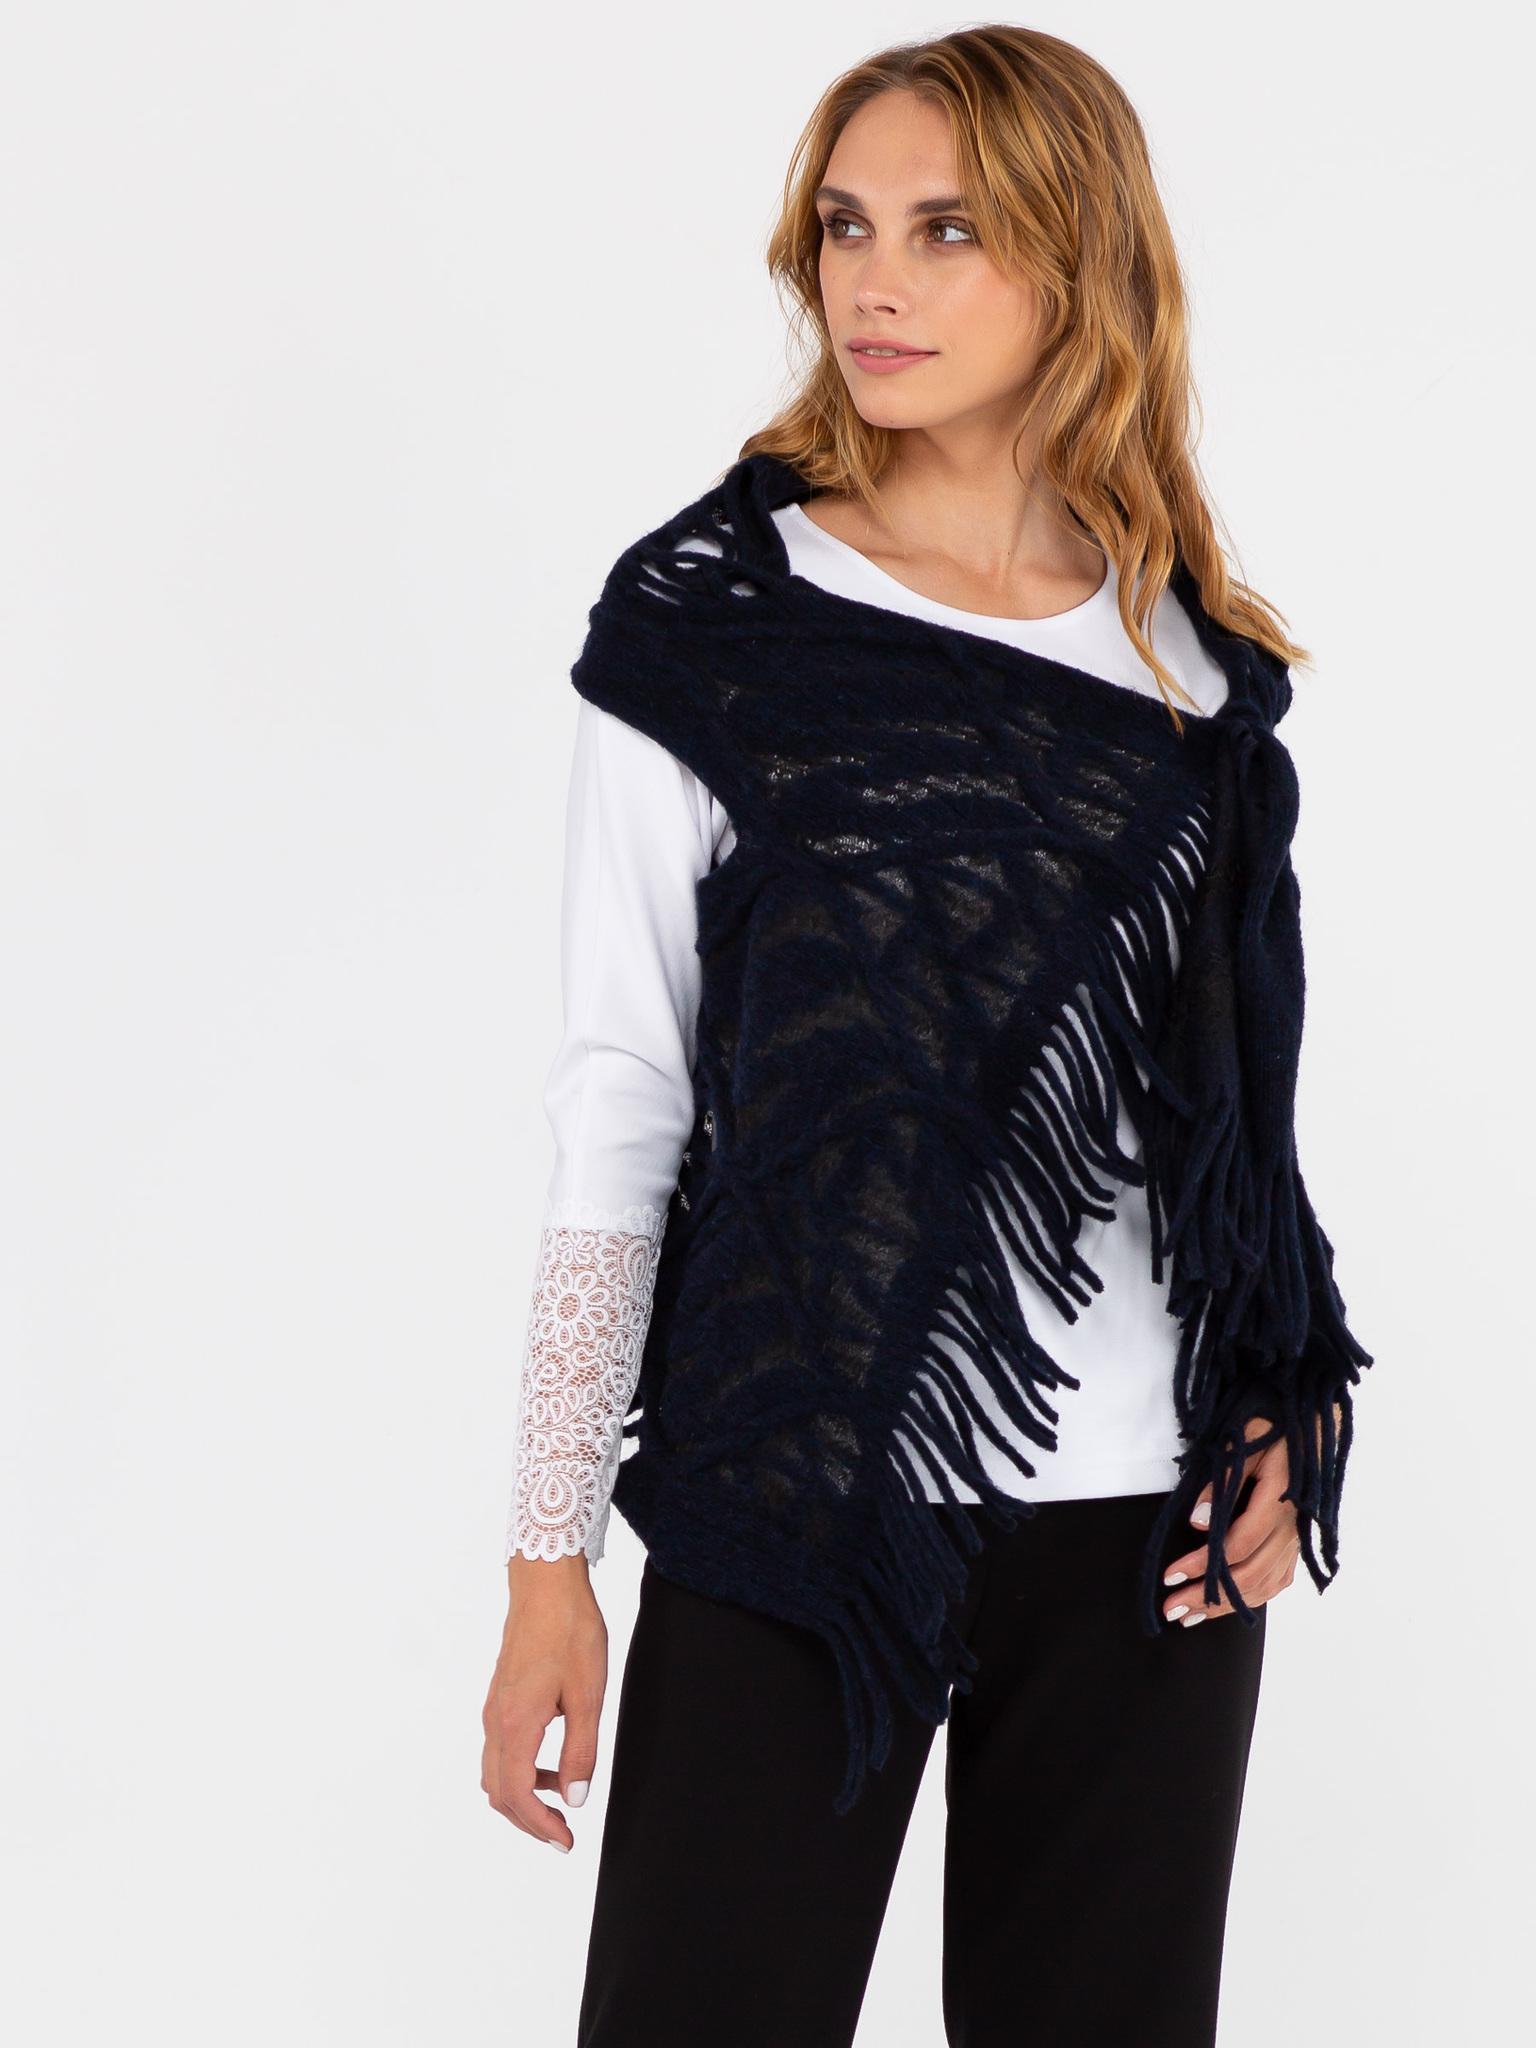 Жилет С044-624 - Изготовлен из фактурной ткани, имитирующей крупную вязку с отверстиями для рук. Универсальный жилет, предназначенный для ношения поверх платьев, блузок, джемперов, жакетов, и даже демисезонных пальто и курток. Универсальность жилета также заключается в том, что он подходит для женщин с 42-го по 48-ой размер, независимо от роста и типа фигуры. Жилет можно застегнуть на декоративную булавку или брошь, подпоясать ремнем\поясом. Также можно использовать завязки на концах жилета. Жилет можно использовать и как оригинальный шарф или снуд. Подобный аксессуар только украсит ваш образ.